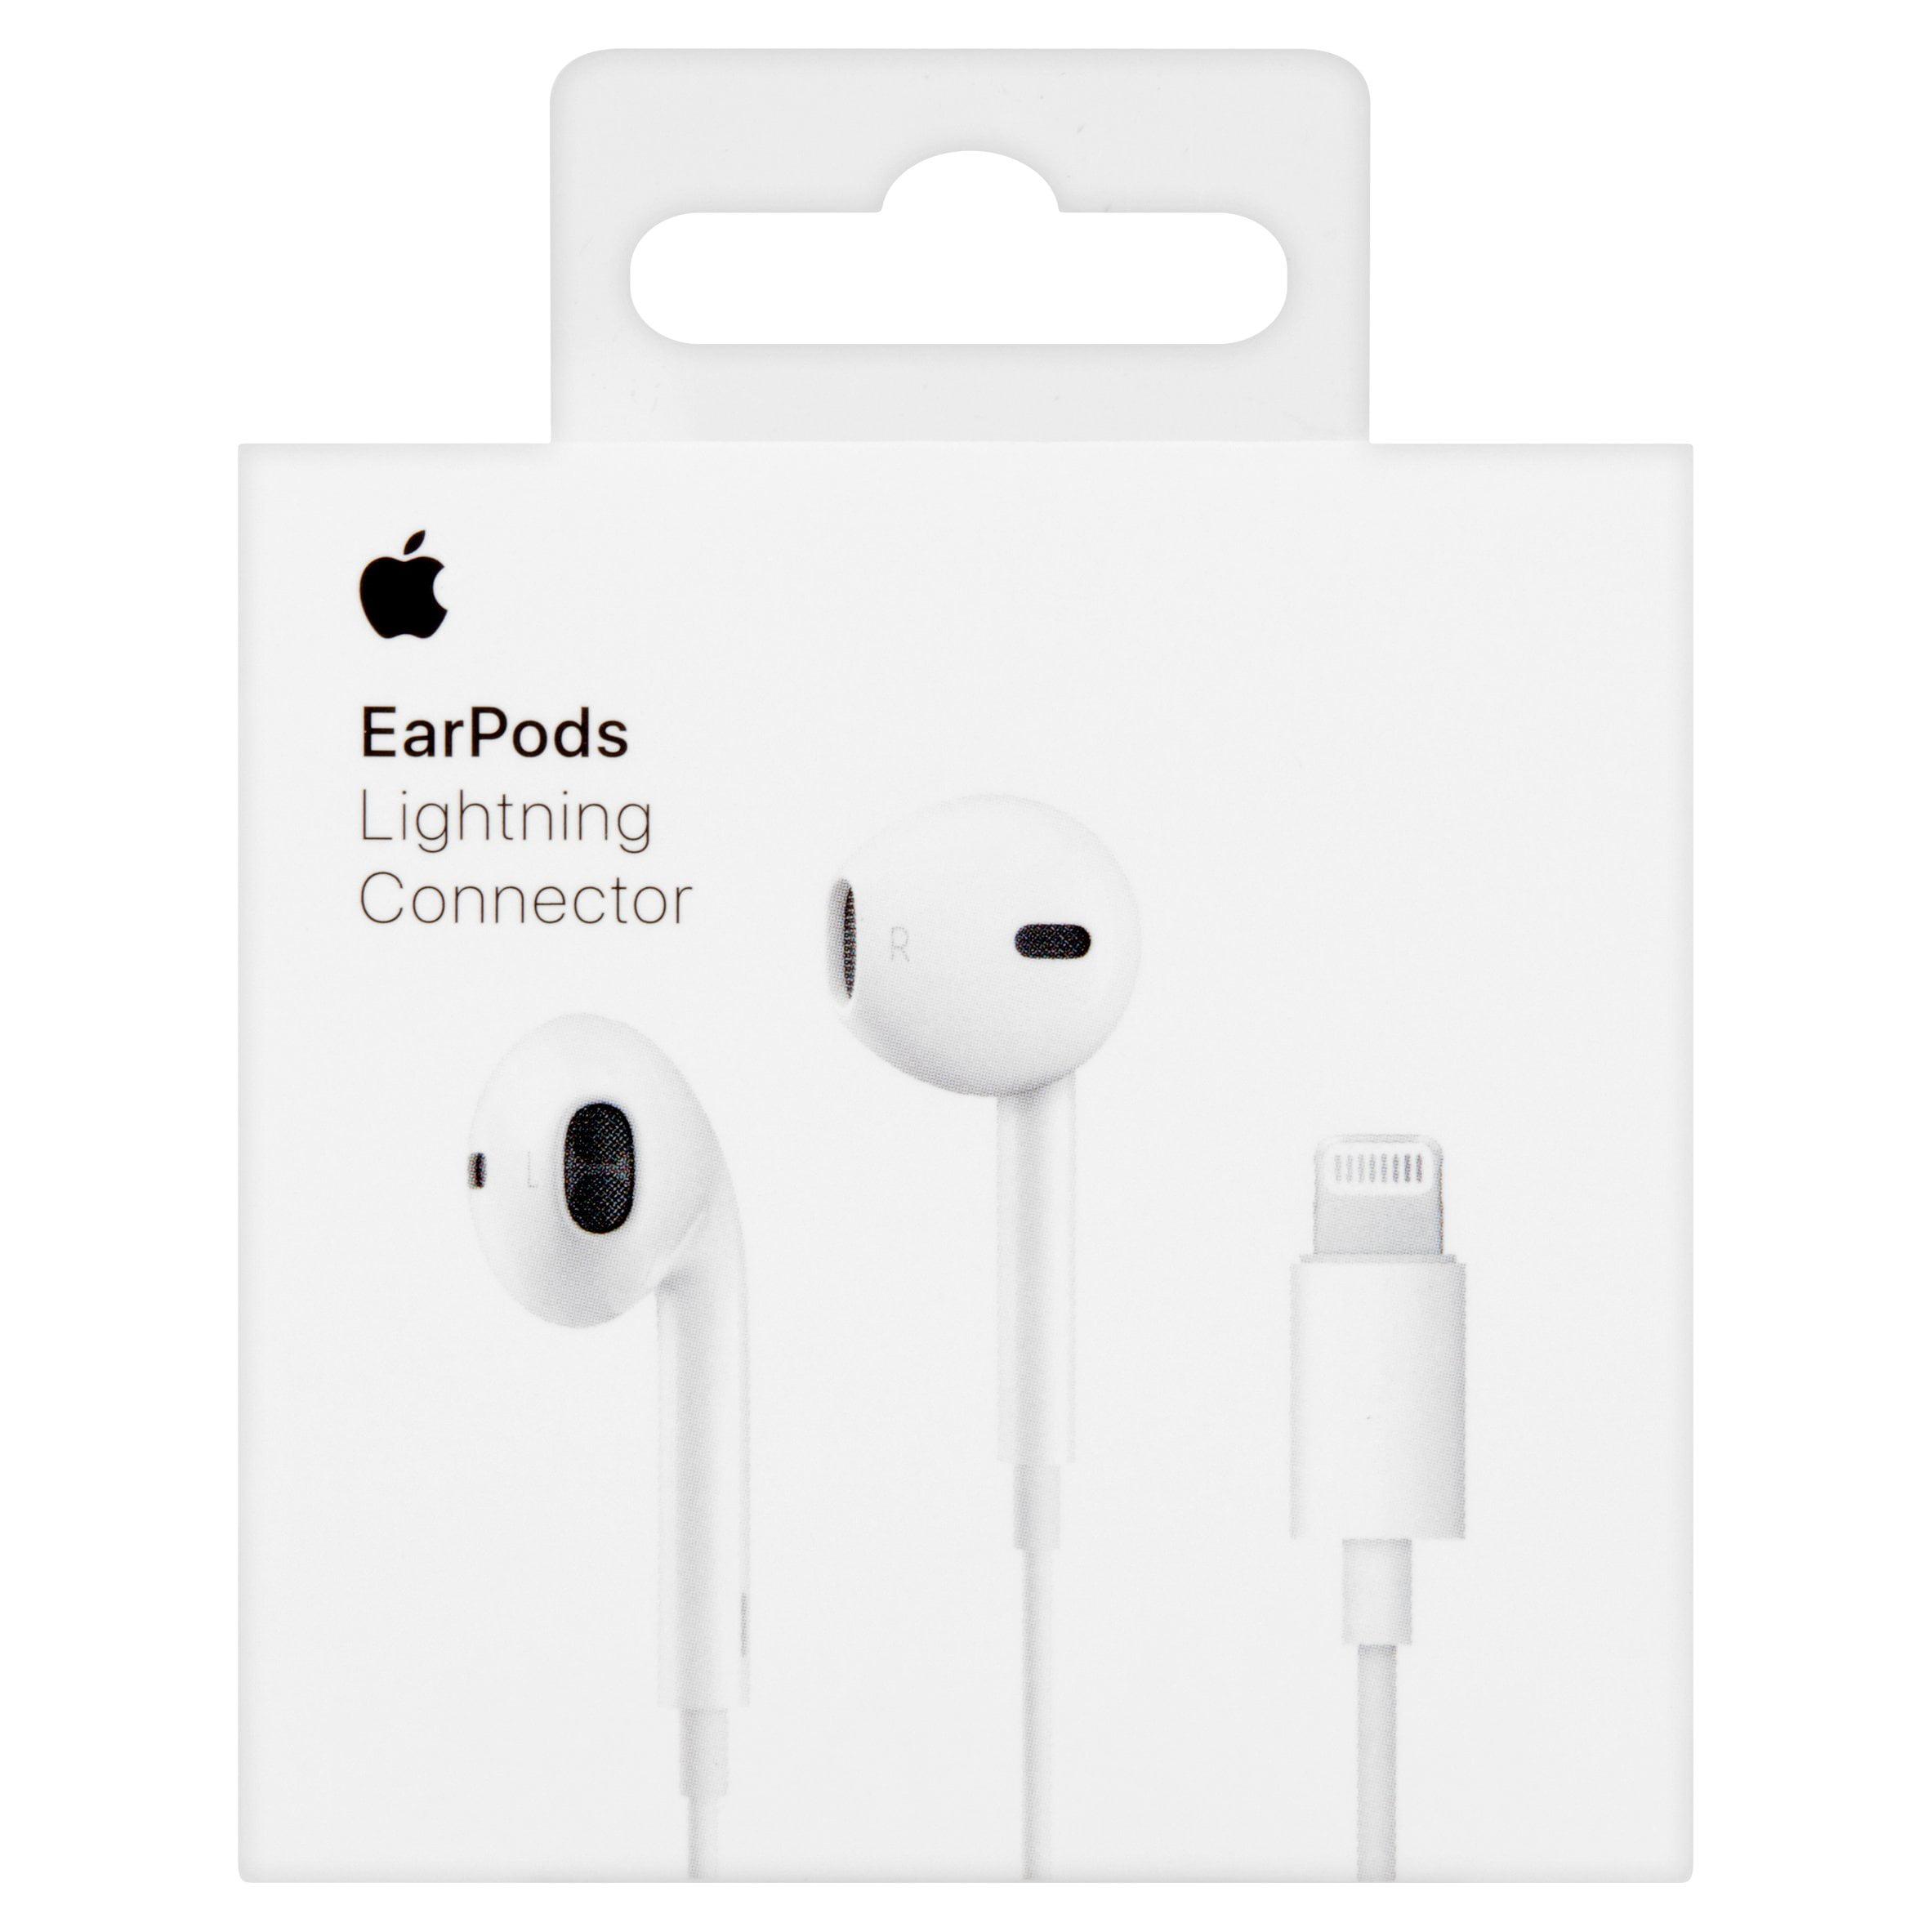 Iphone 6 earphones apple original - new apple earphones